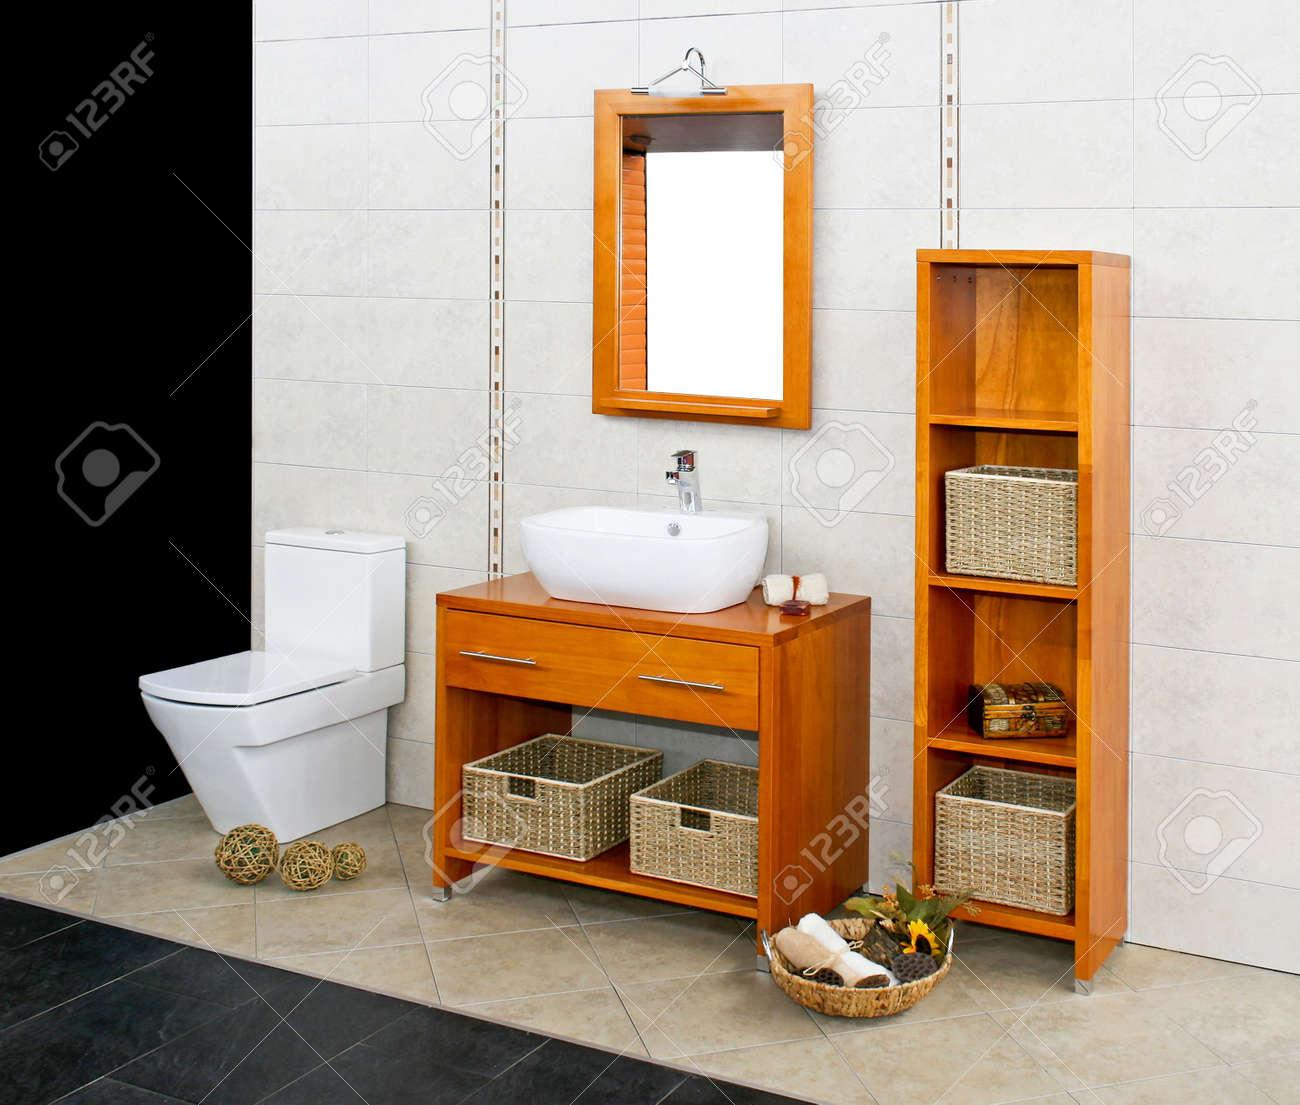 Big cuarto de baño con estilo natural muebles de madera